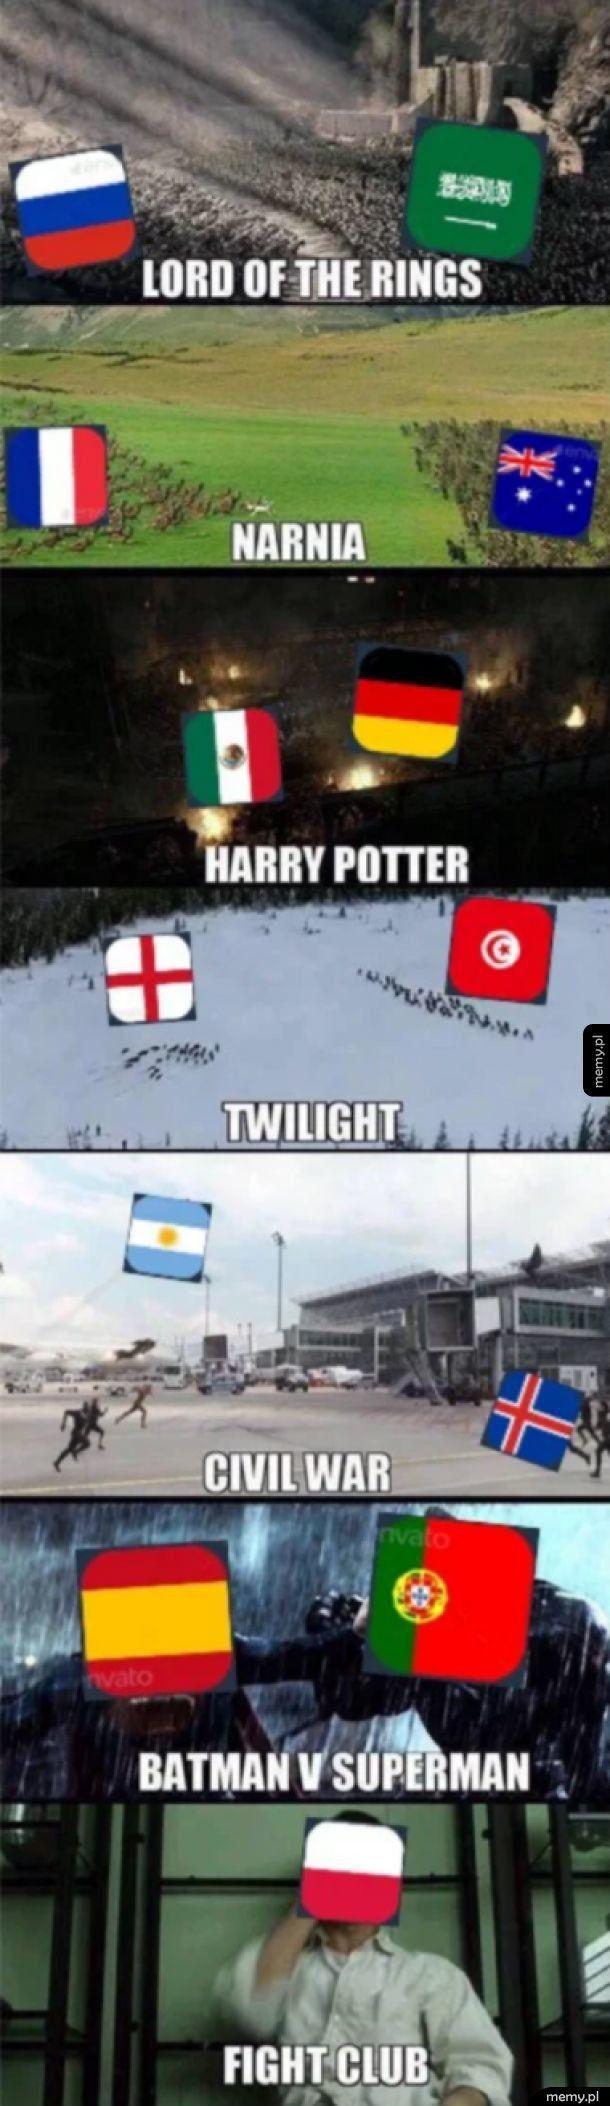 Bitwy o Puchar Świata